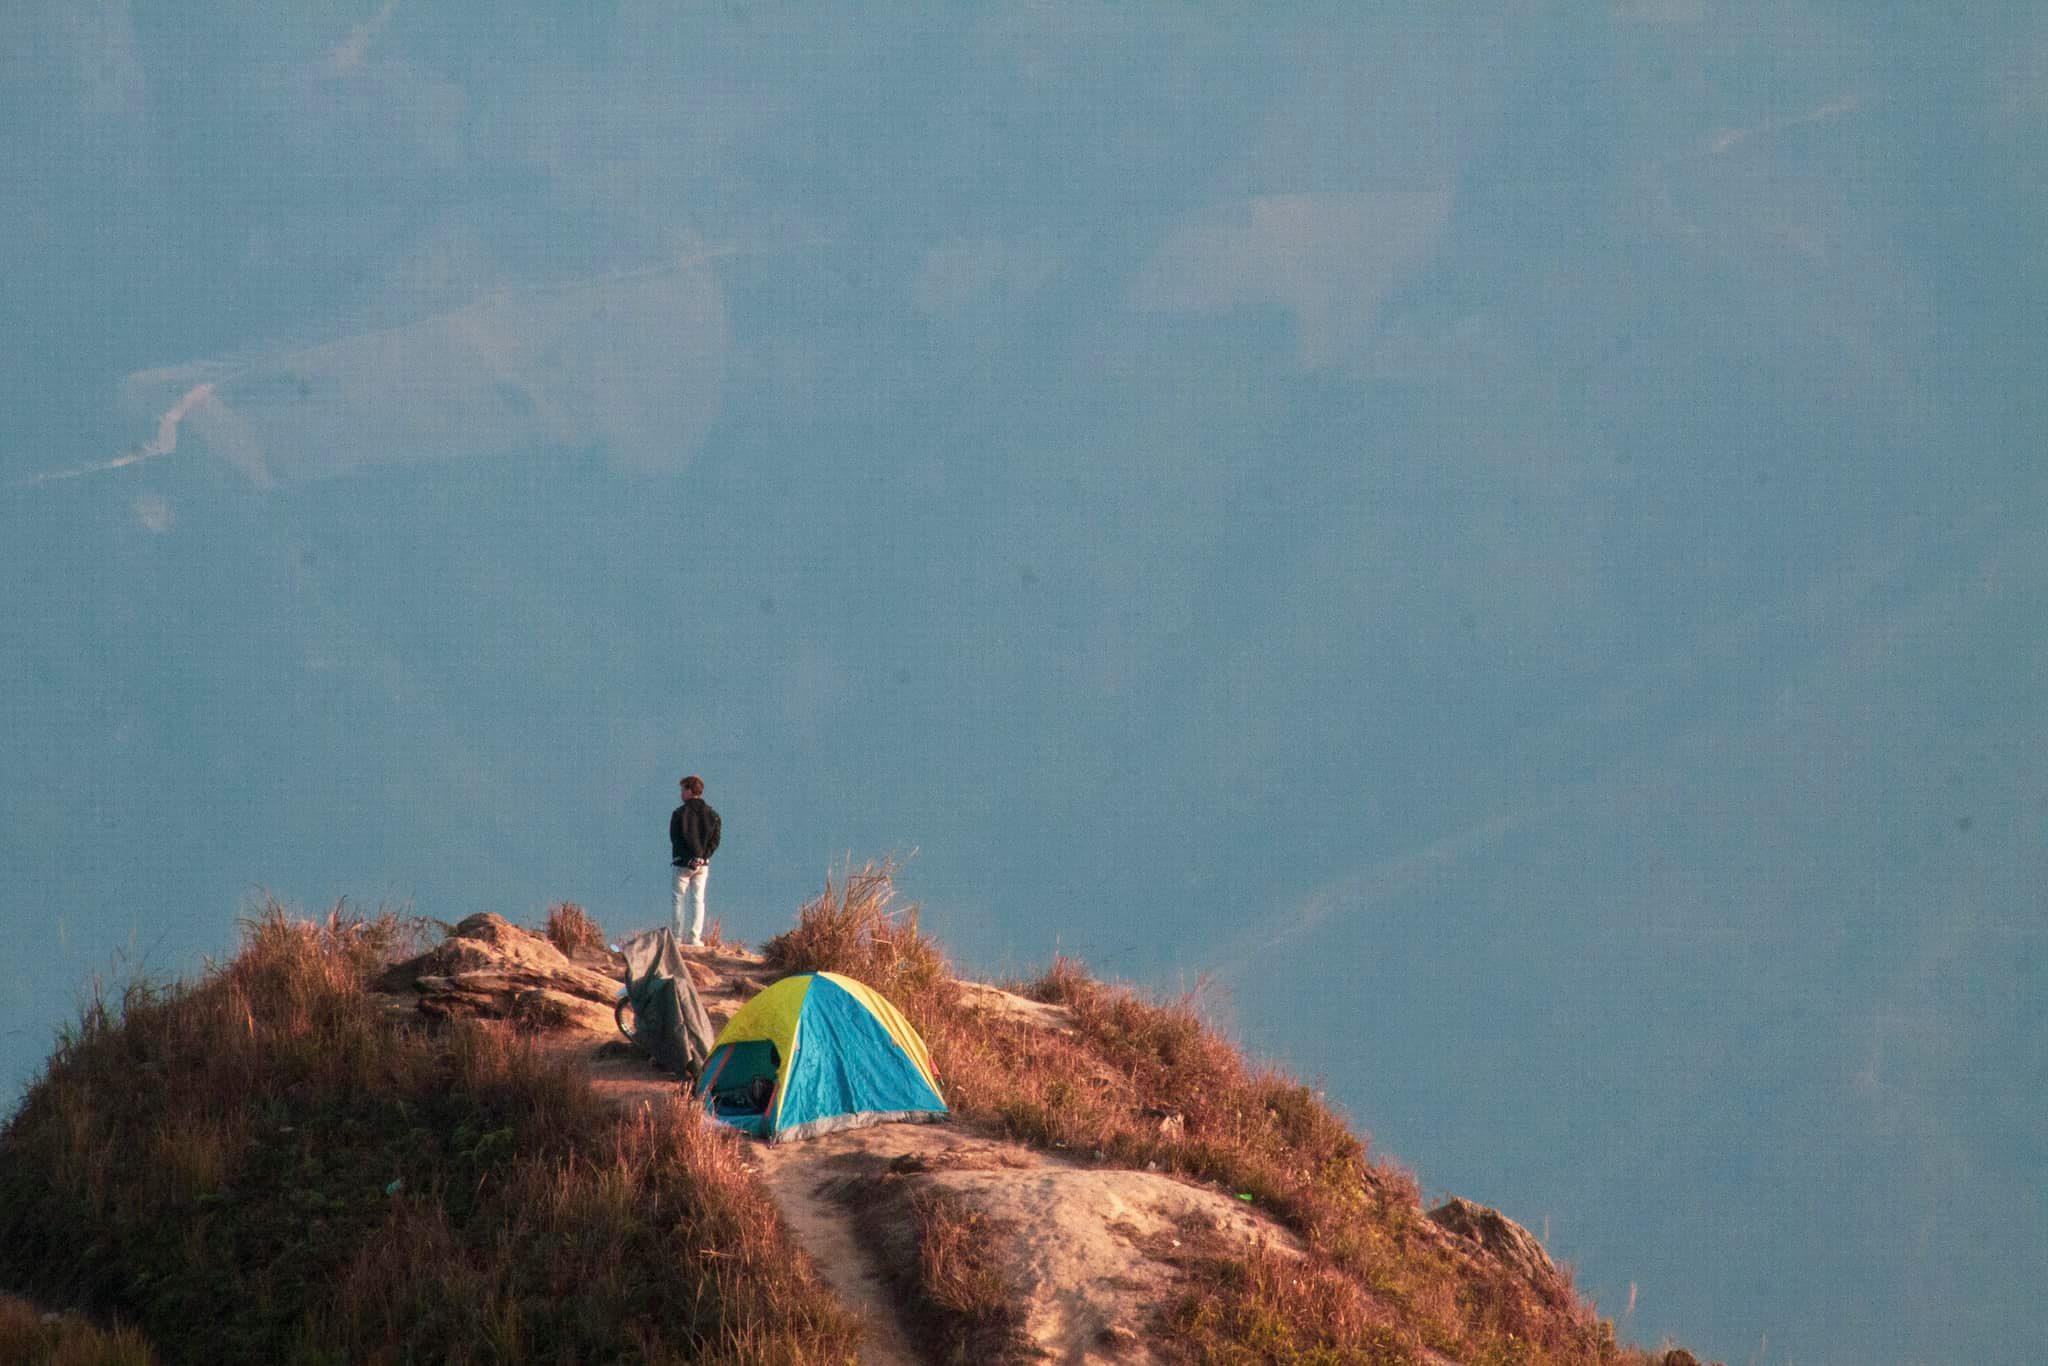 Trải nghiệm cắm trại ở Tà Xùa. Hình: Đỗ Quang Huy